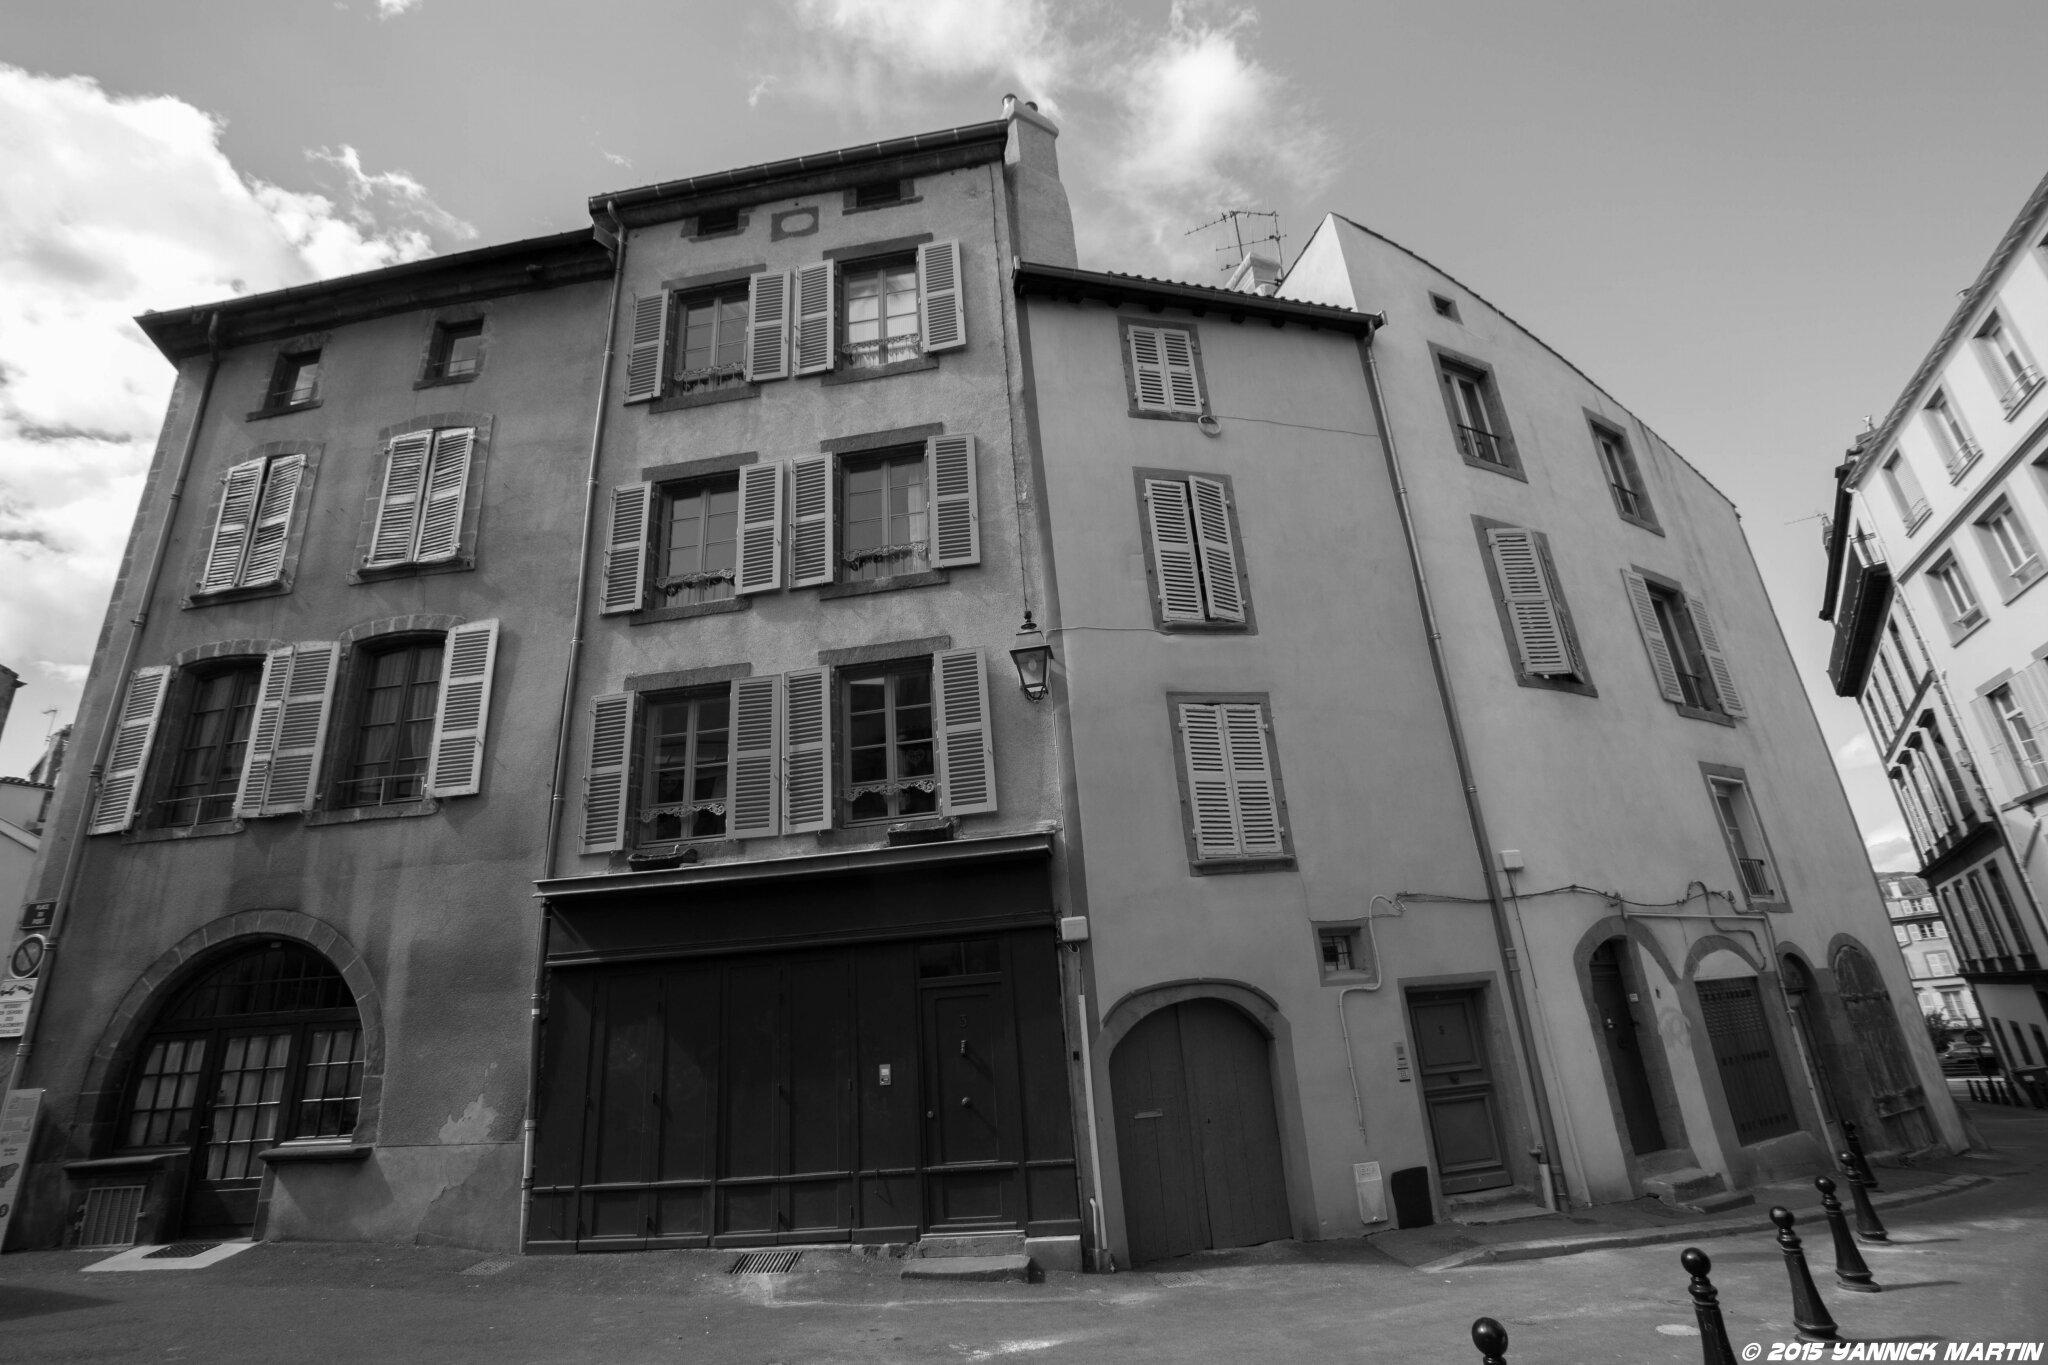 Le quartier de la rue du port de clermont ferrand yannick martin photographie - Rue du port clermont ferrand ...